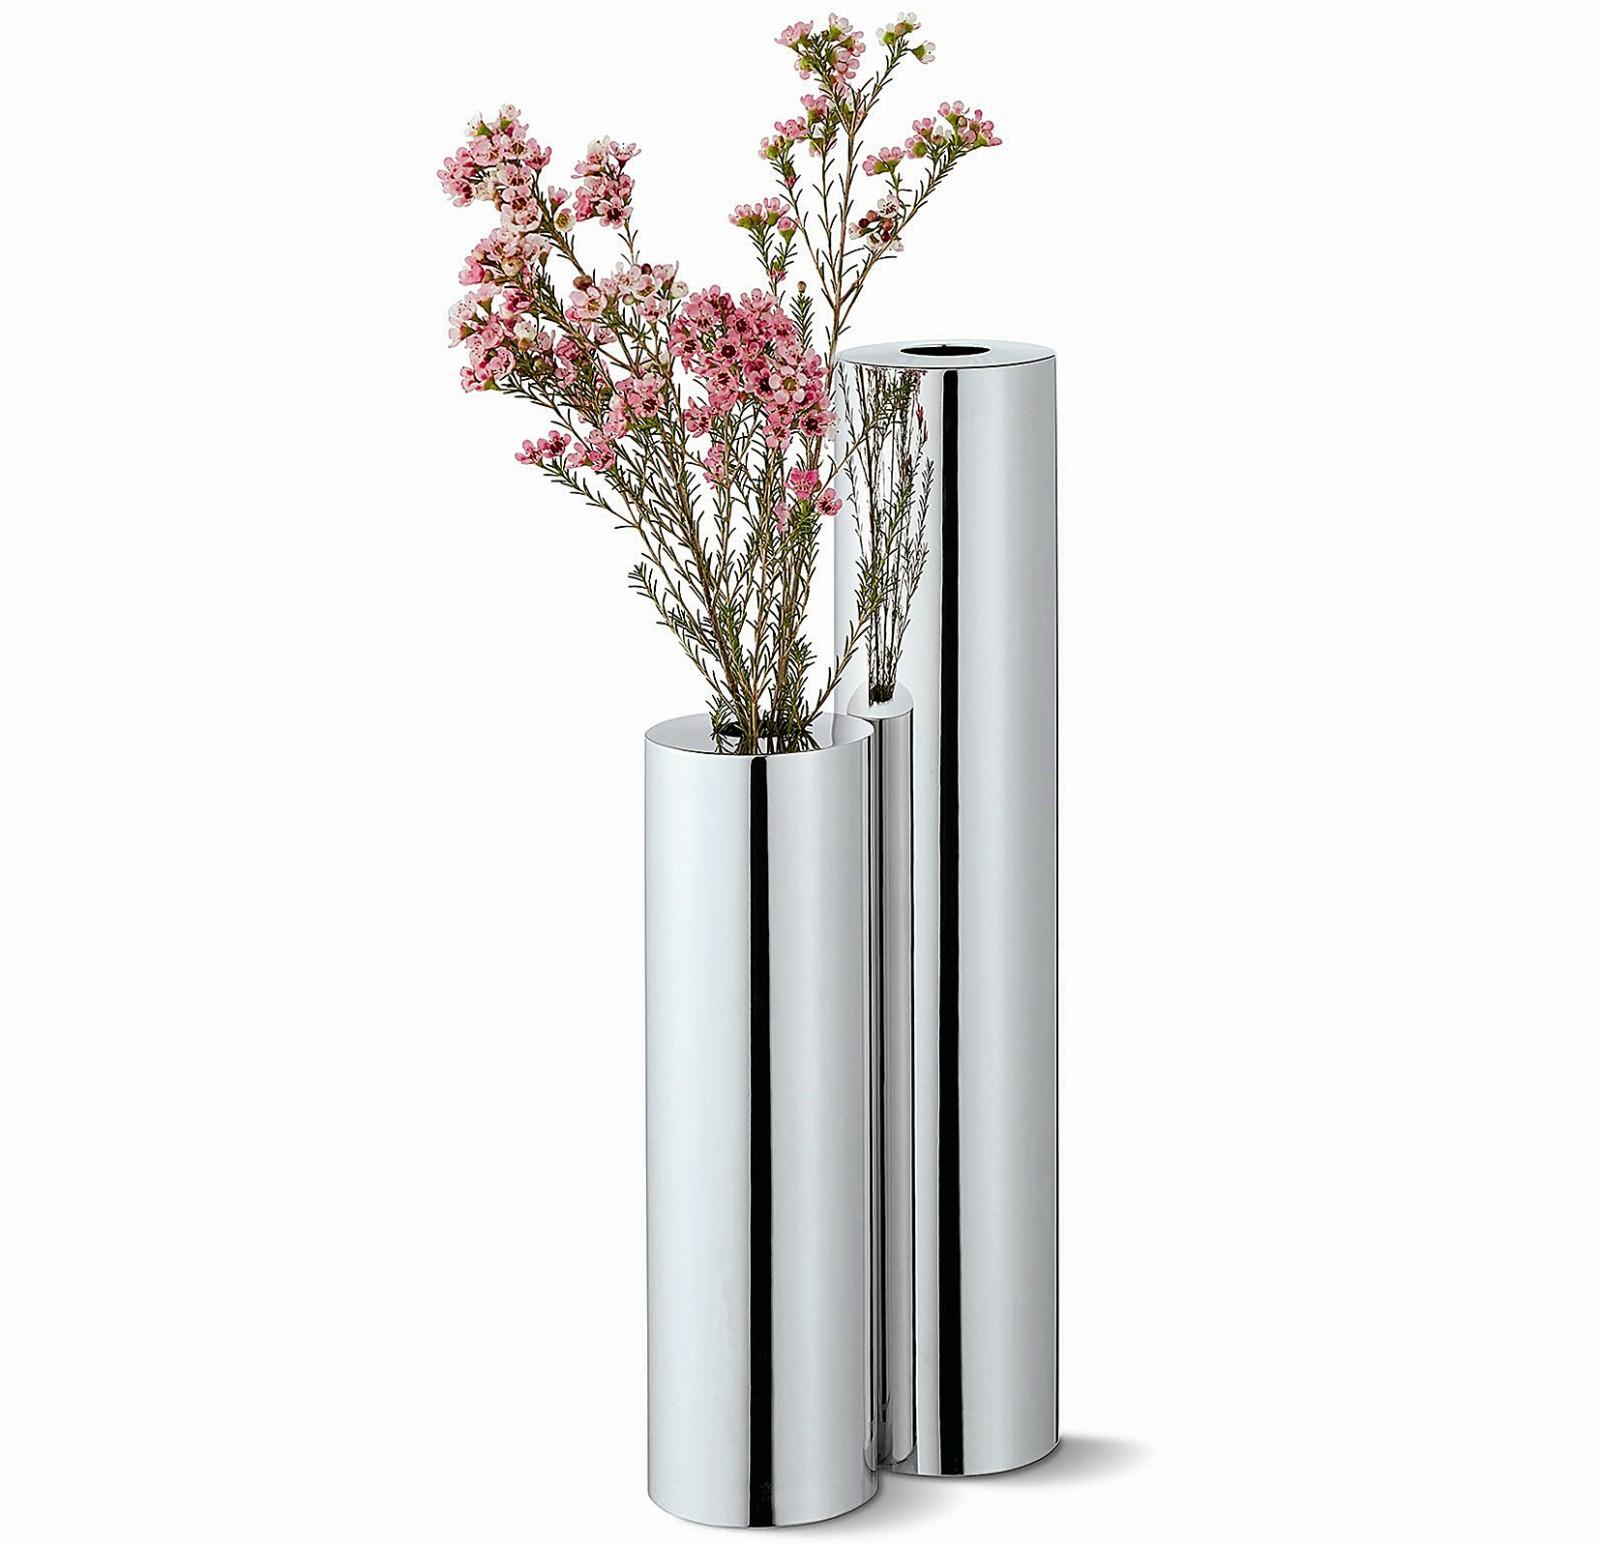 vase bodenvase verschiedene gr en edelstahl philippi base. Black Bedroom Furniture Sets. Home Design Ideas